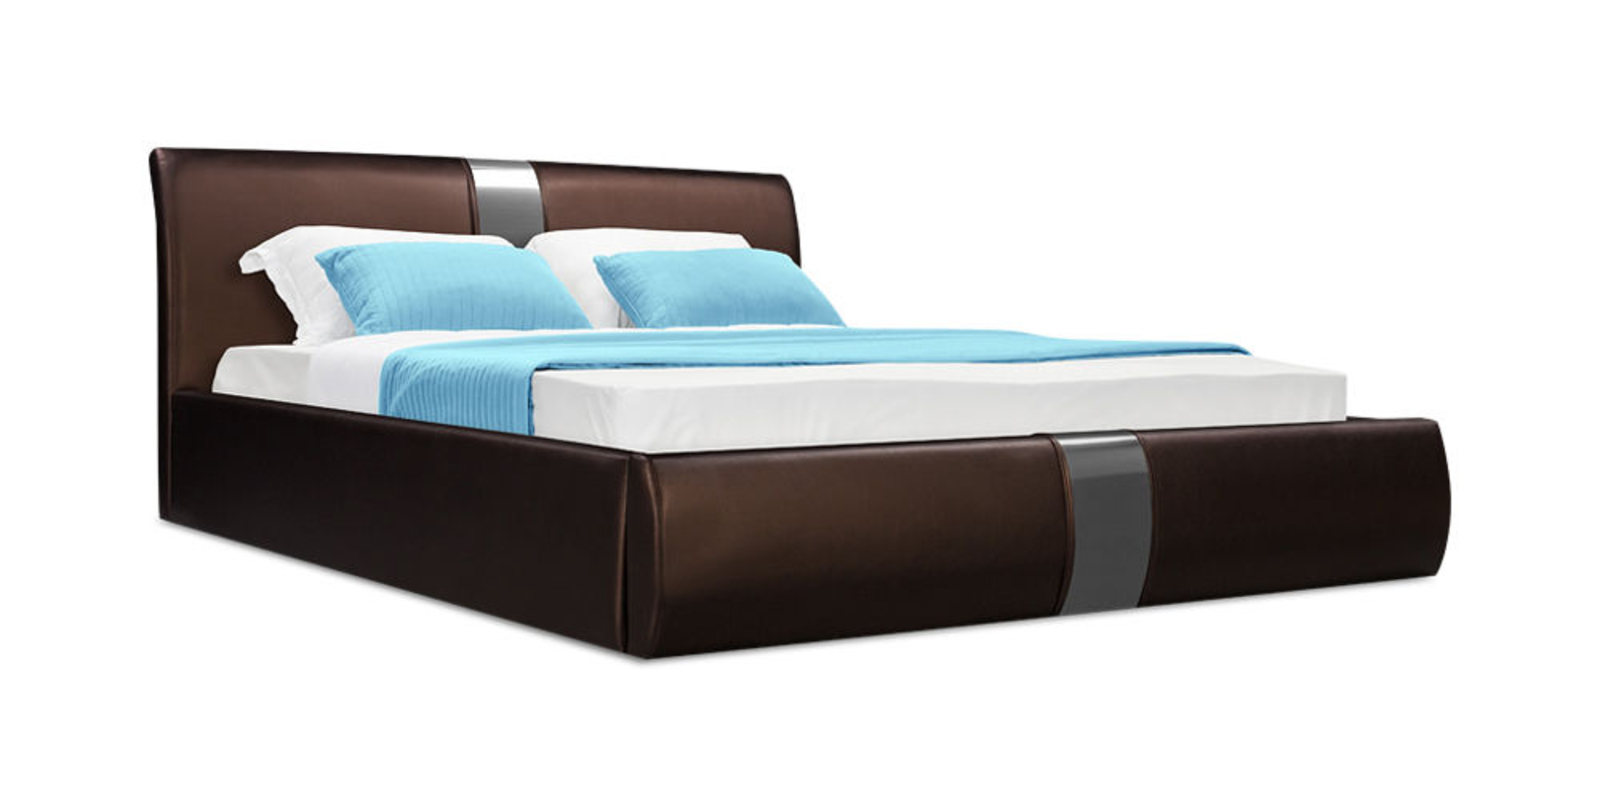 Кровать мягкая Флора с подъемным механизмом (Luxe шоколадный)